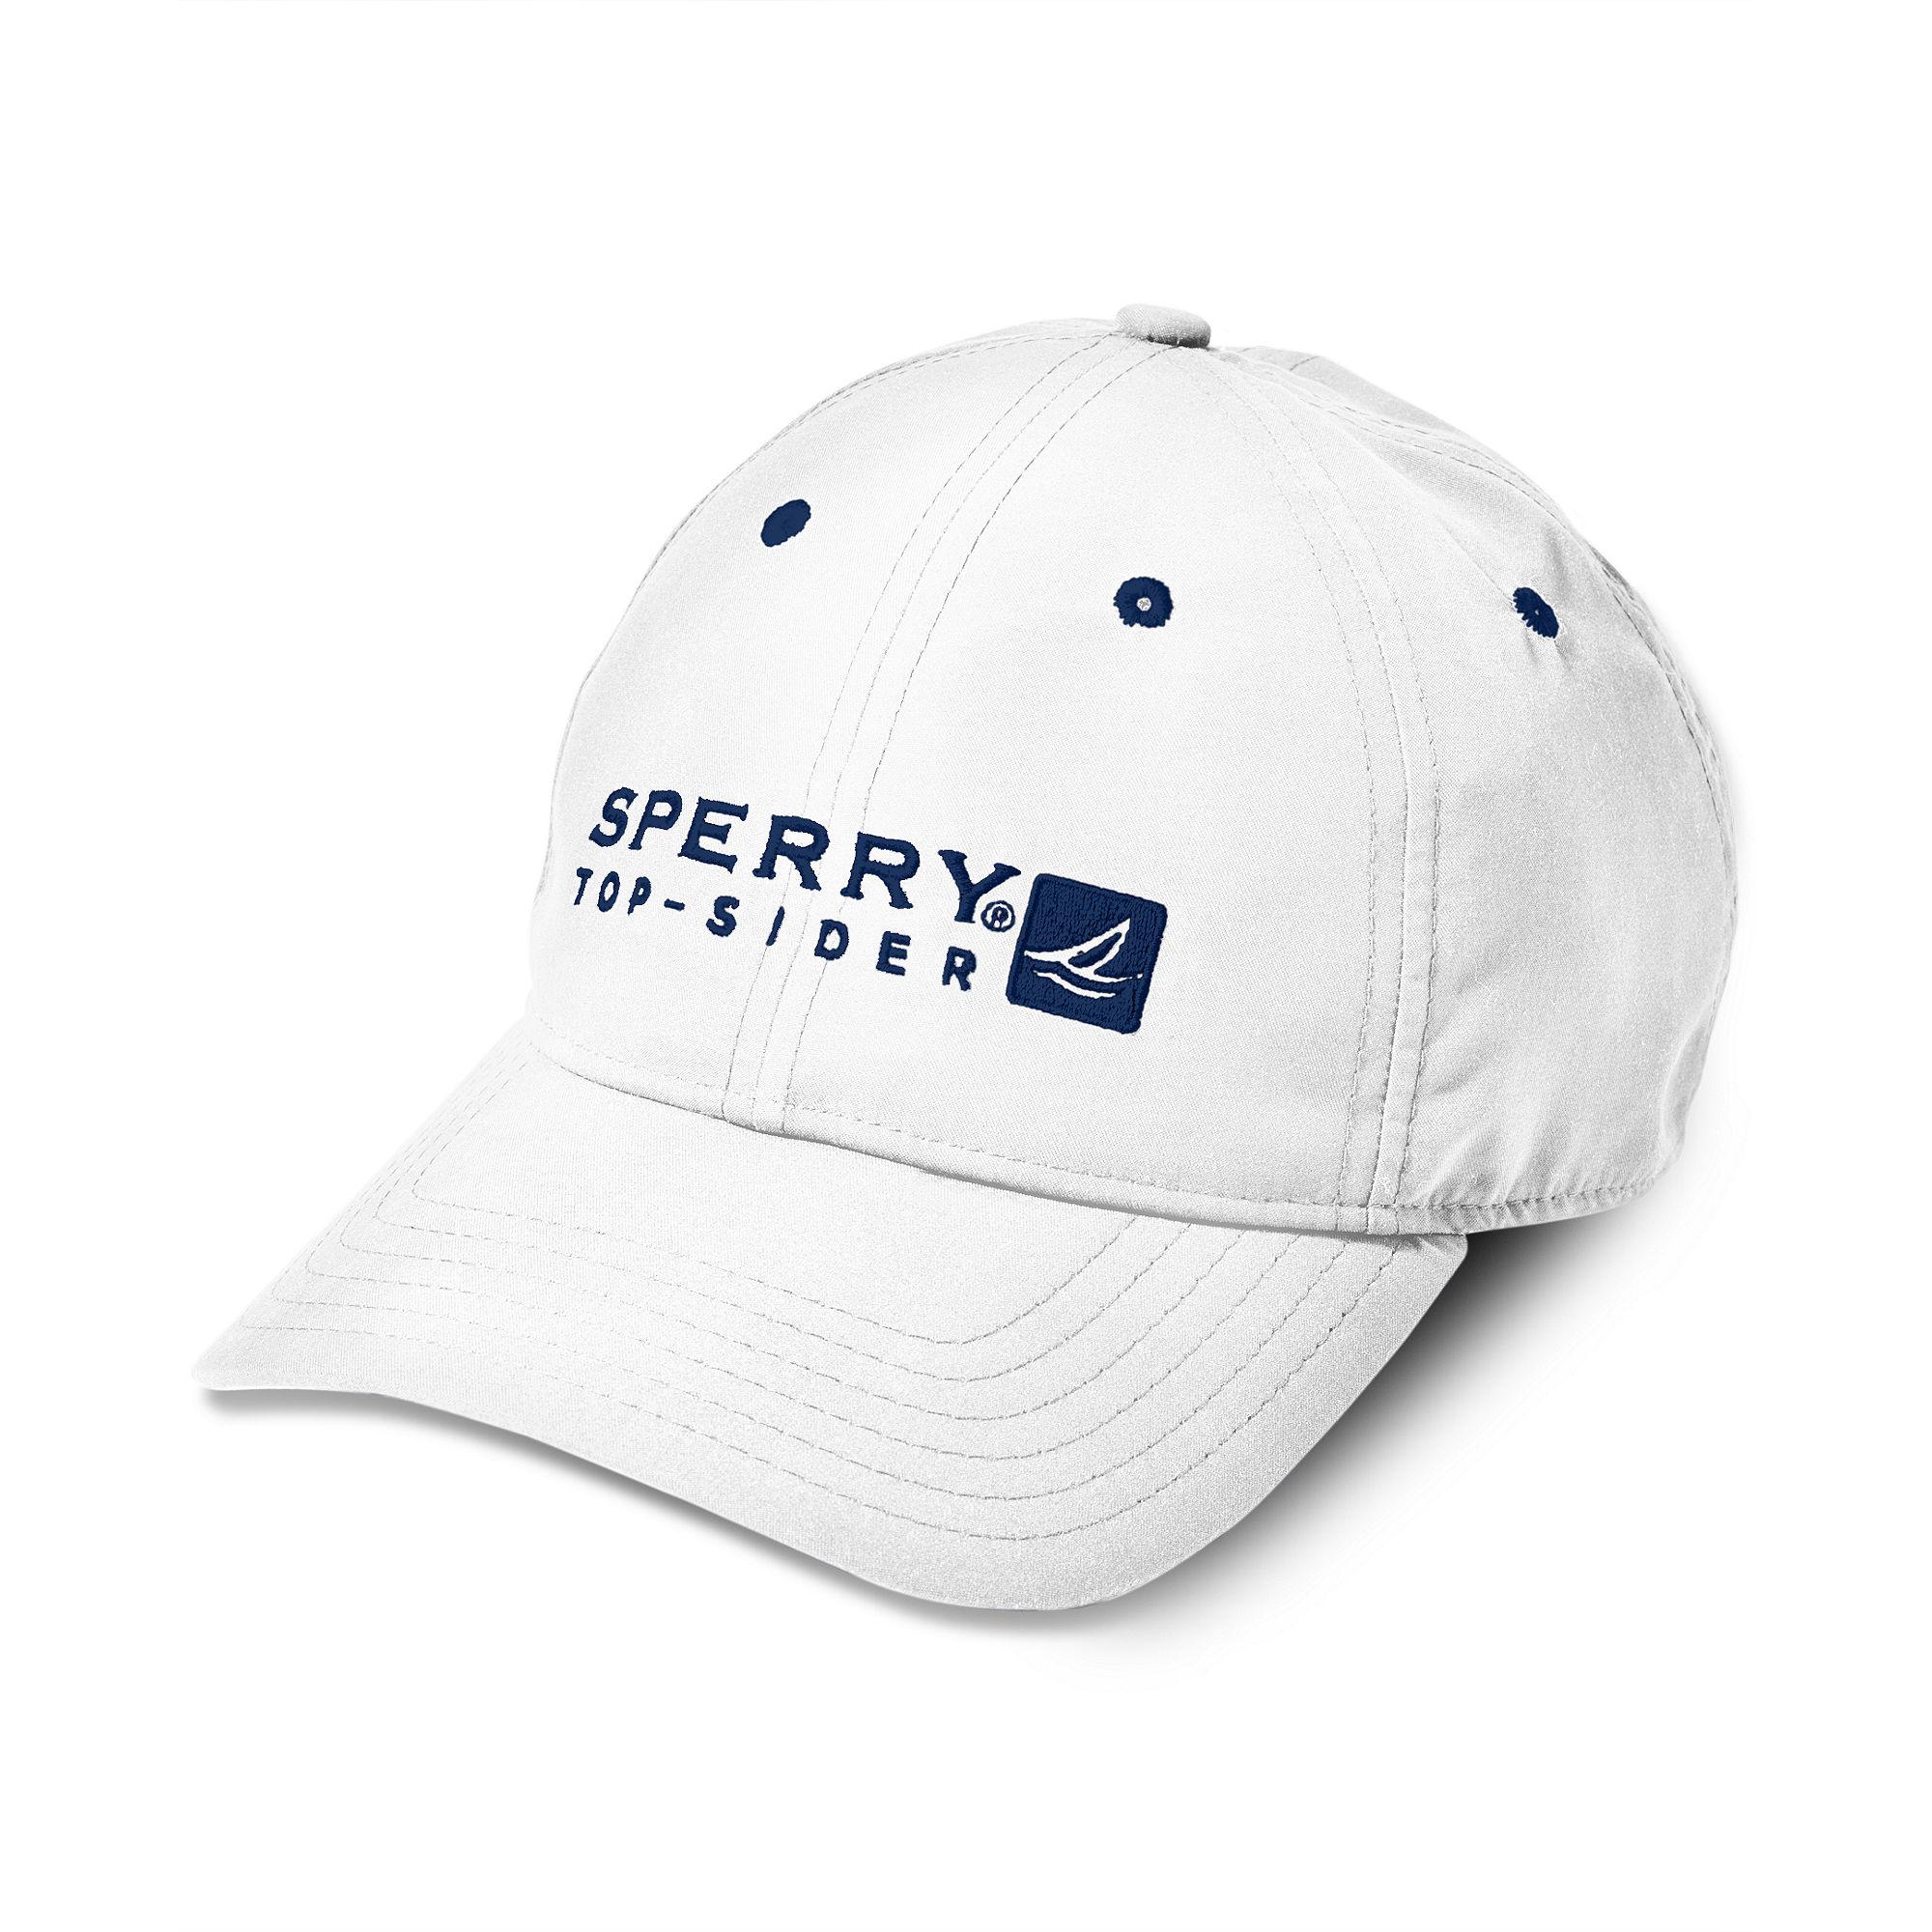 sperry top sider logo baseball cap in white for navy